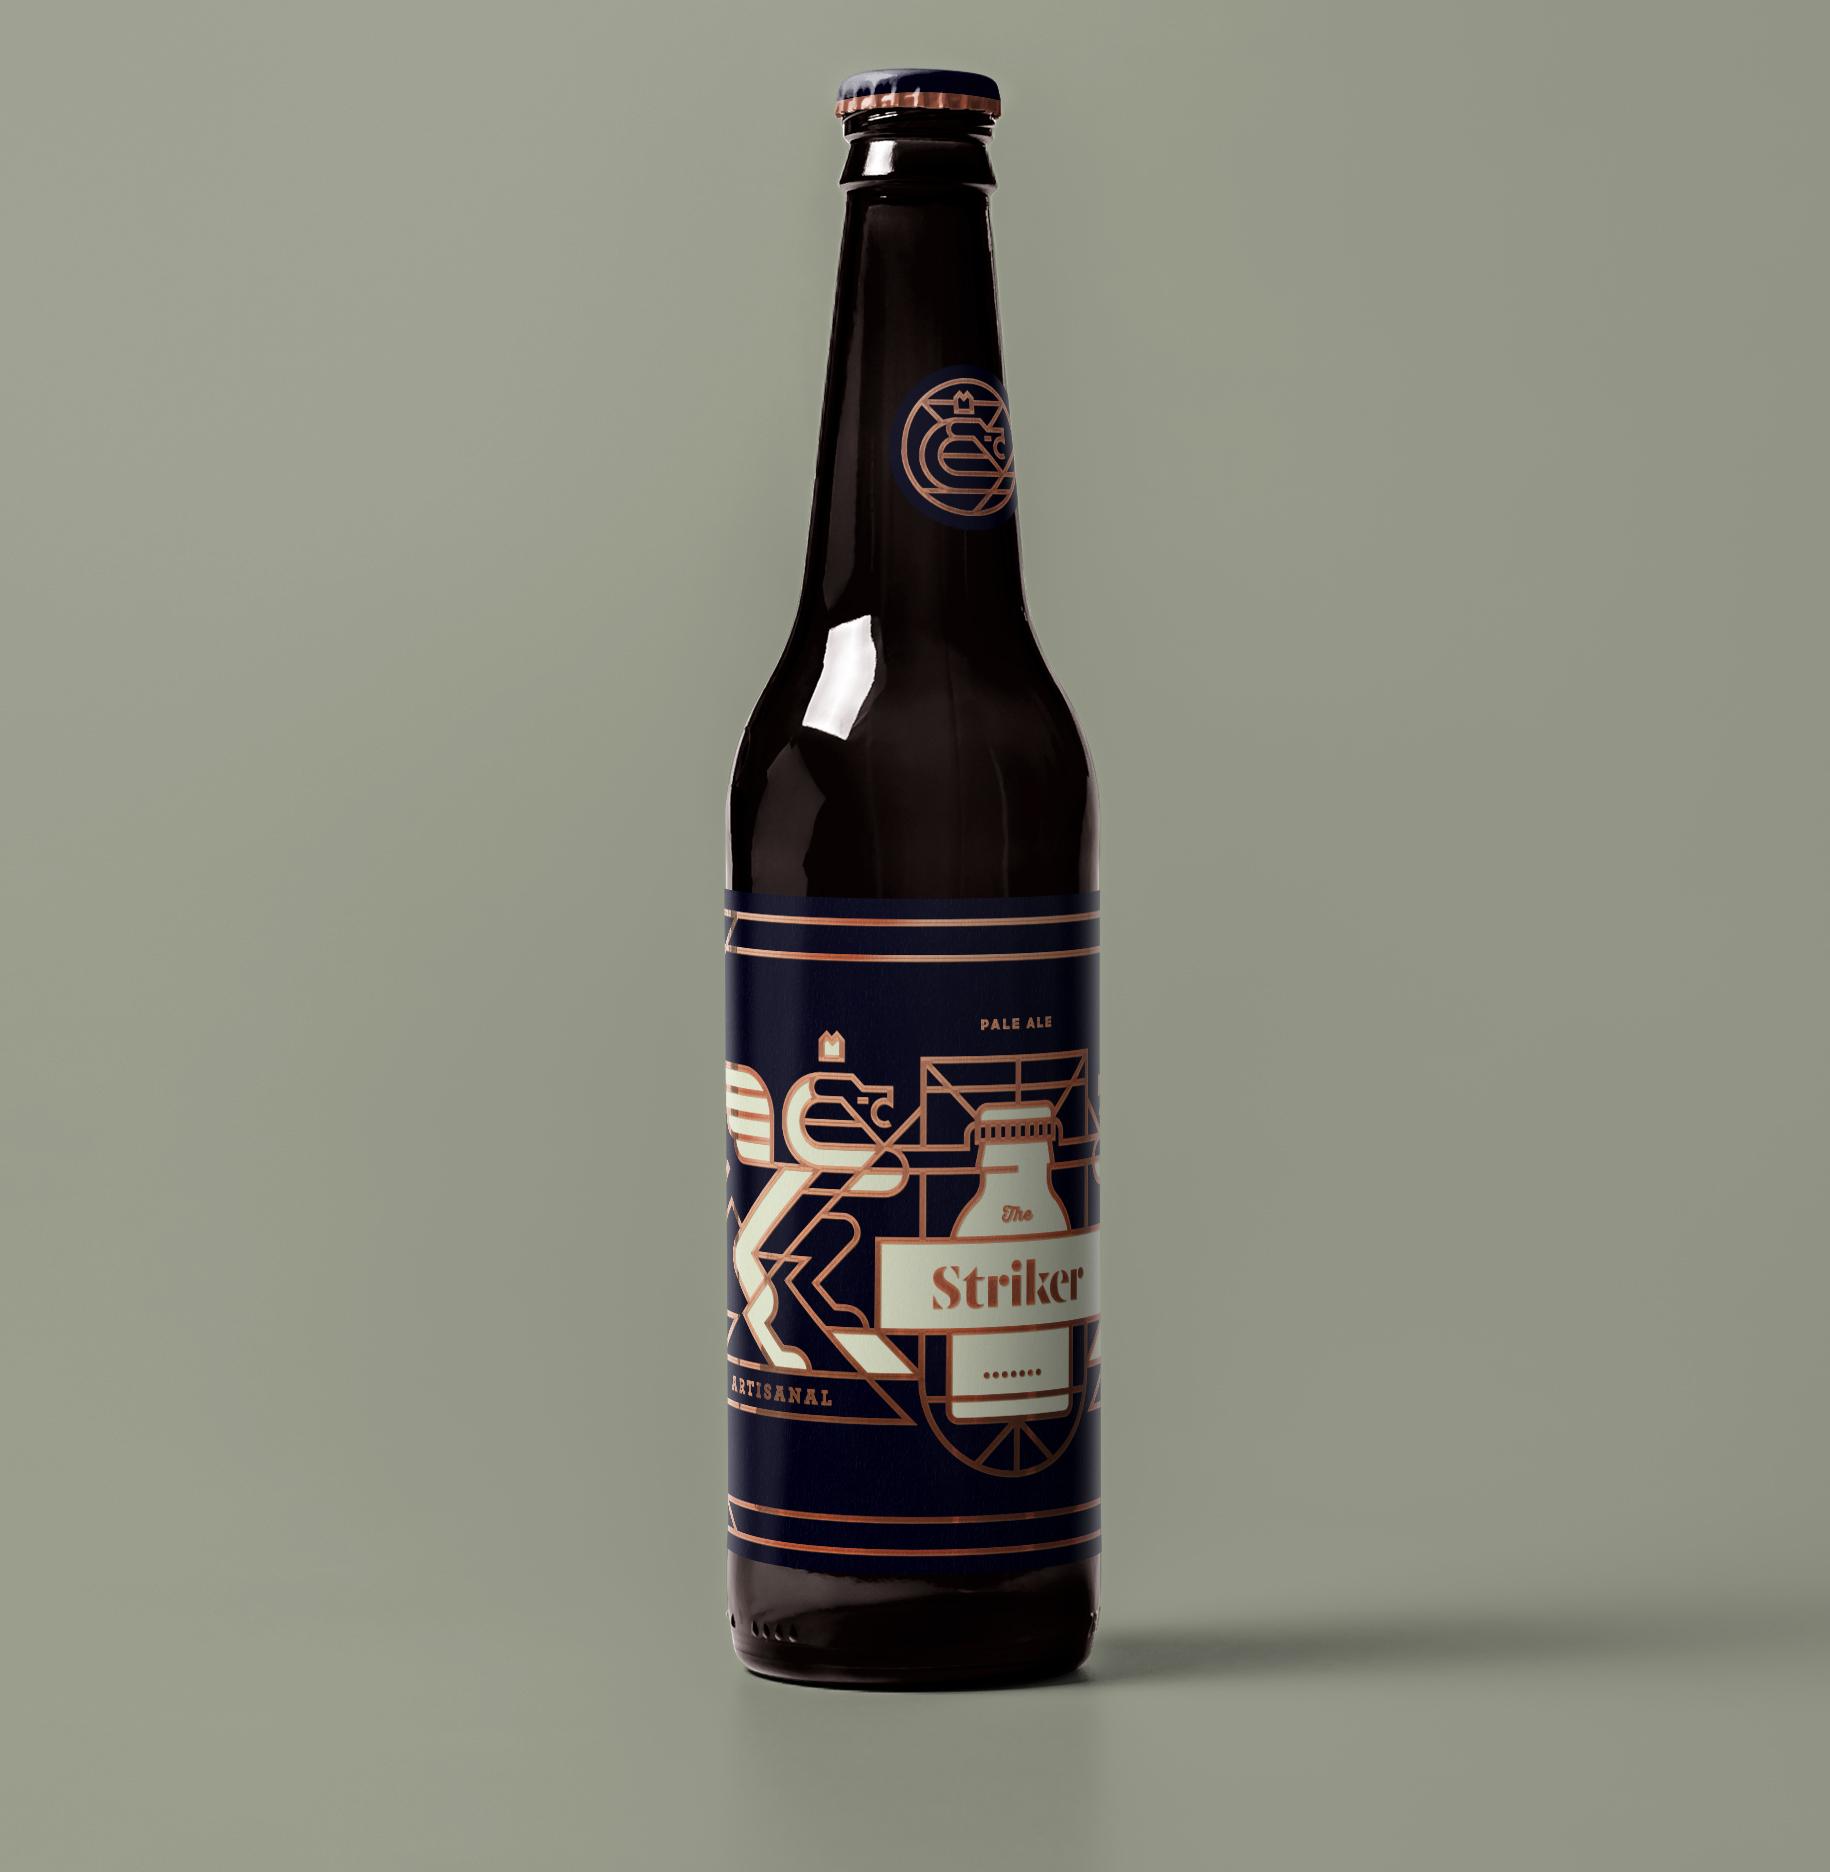 beer bottle design full branding graphic design